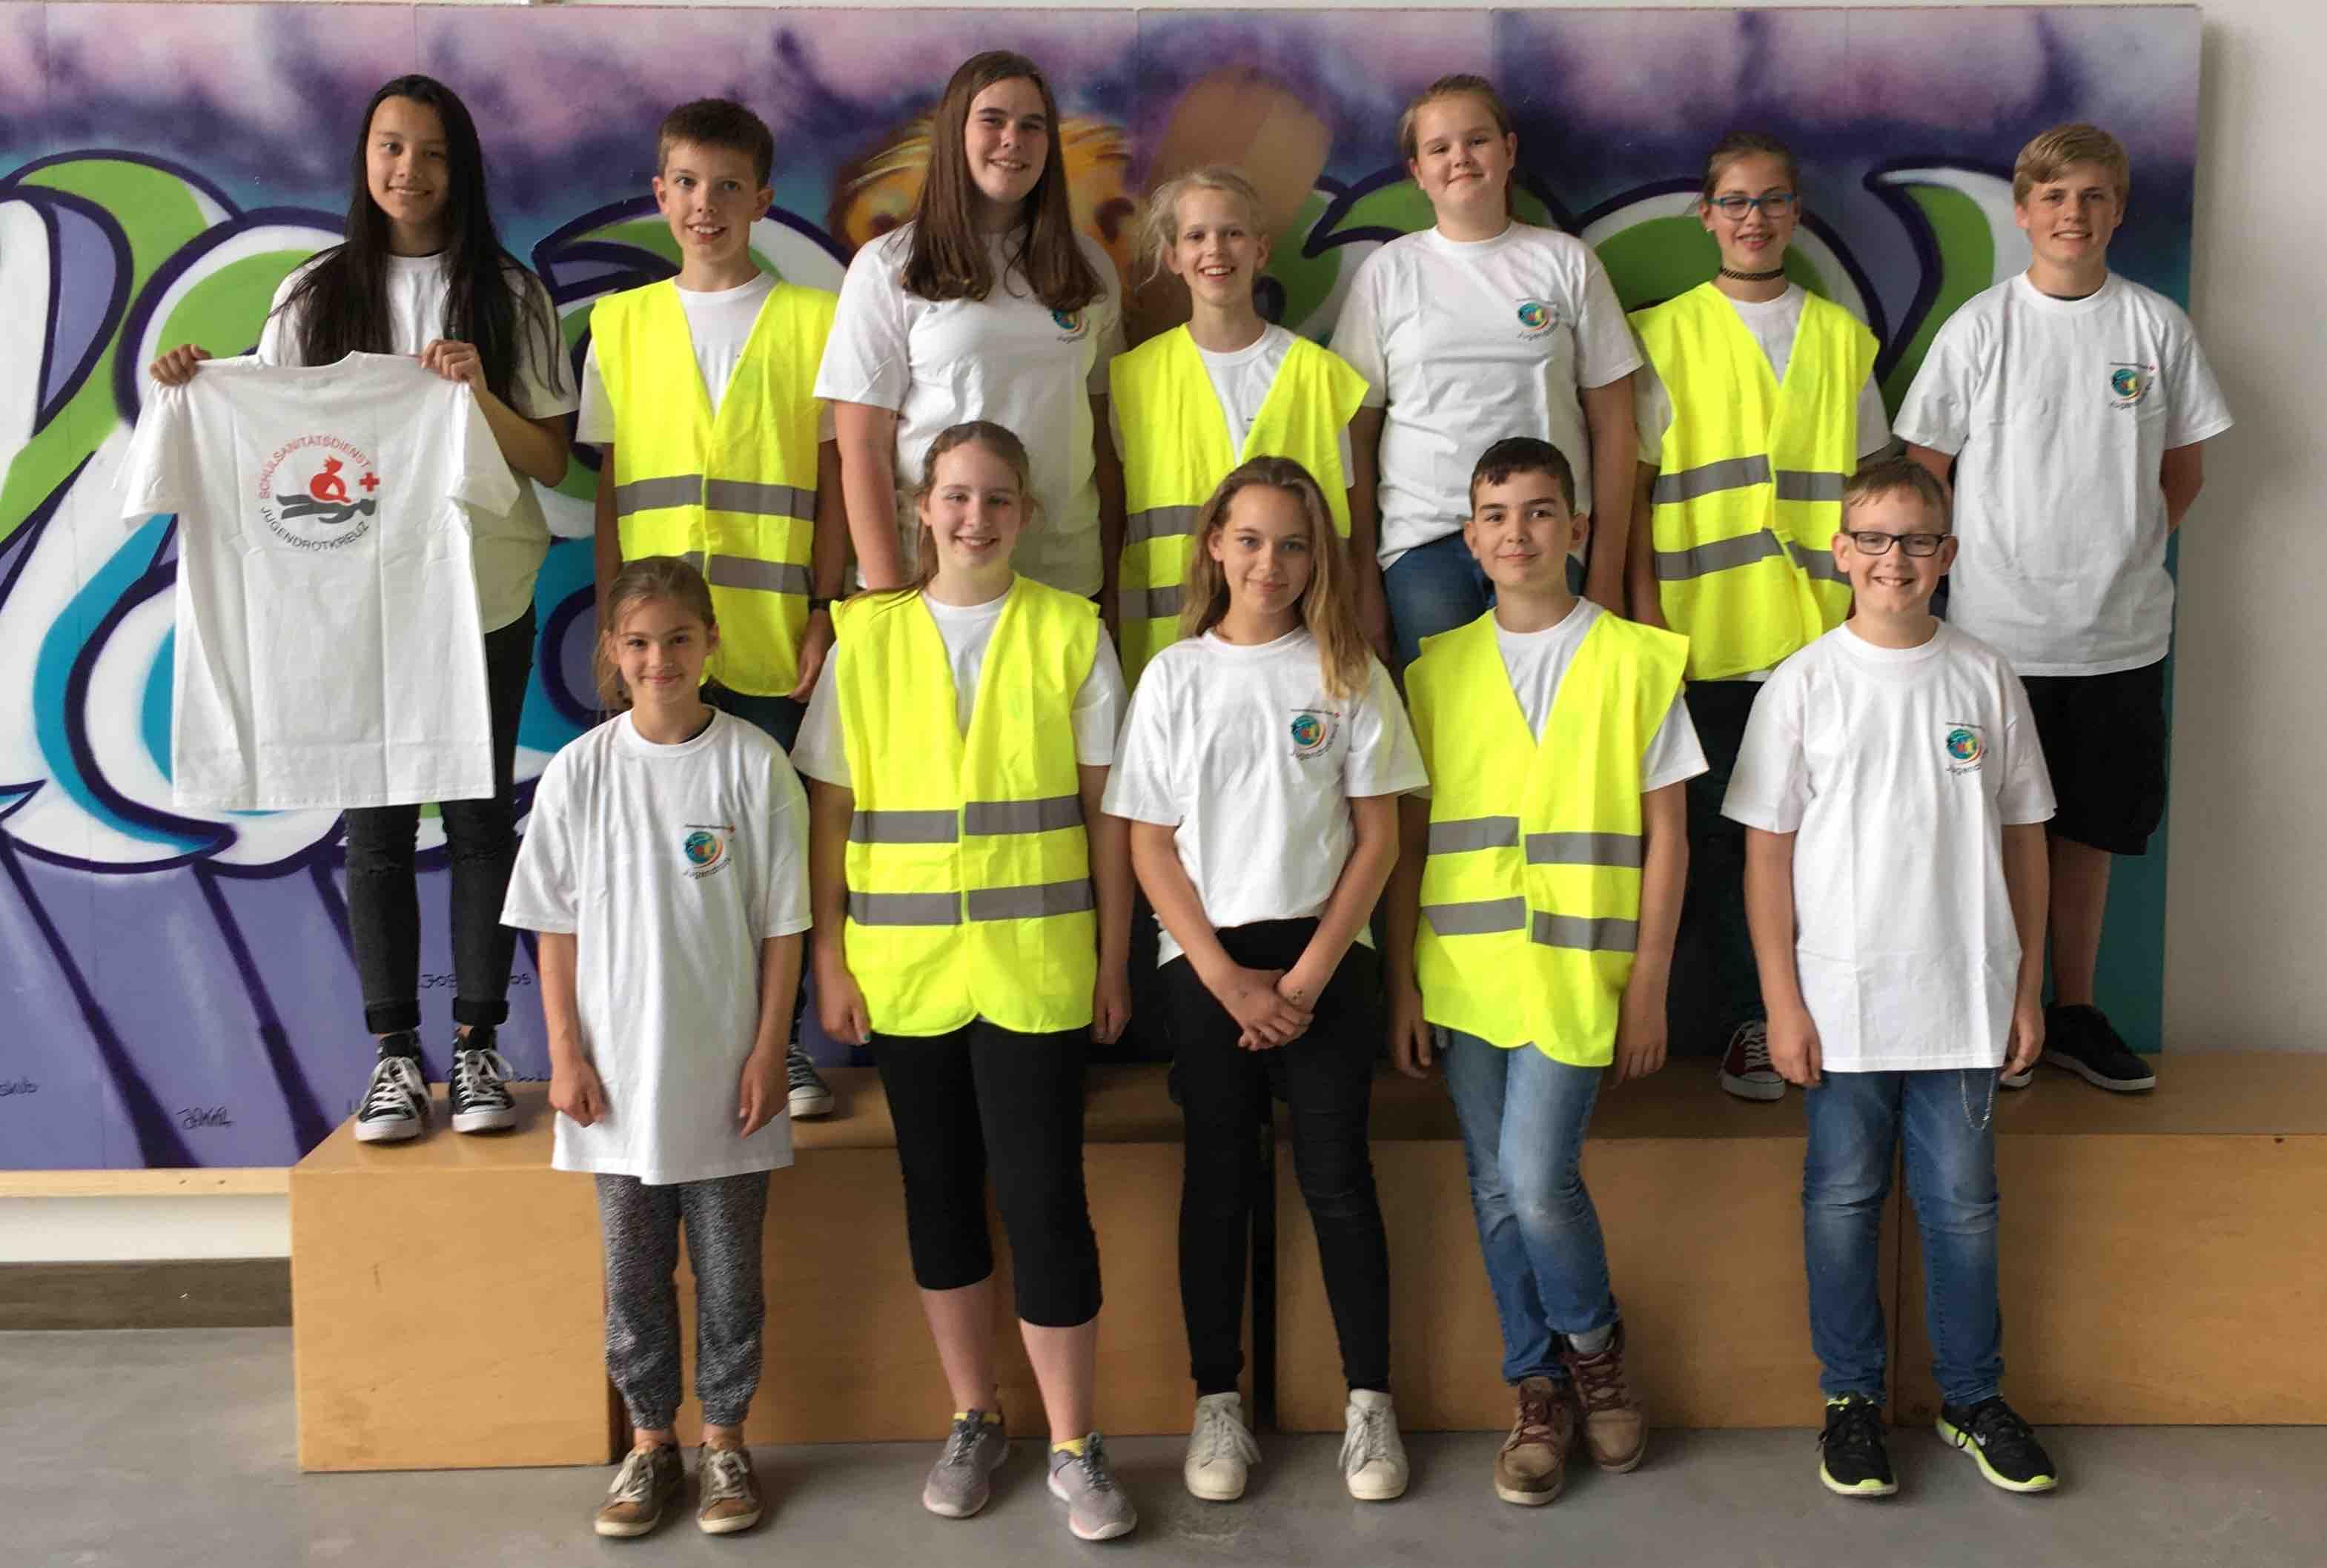 Förderverein stiftet T-Shirts für die Schulsanitäter